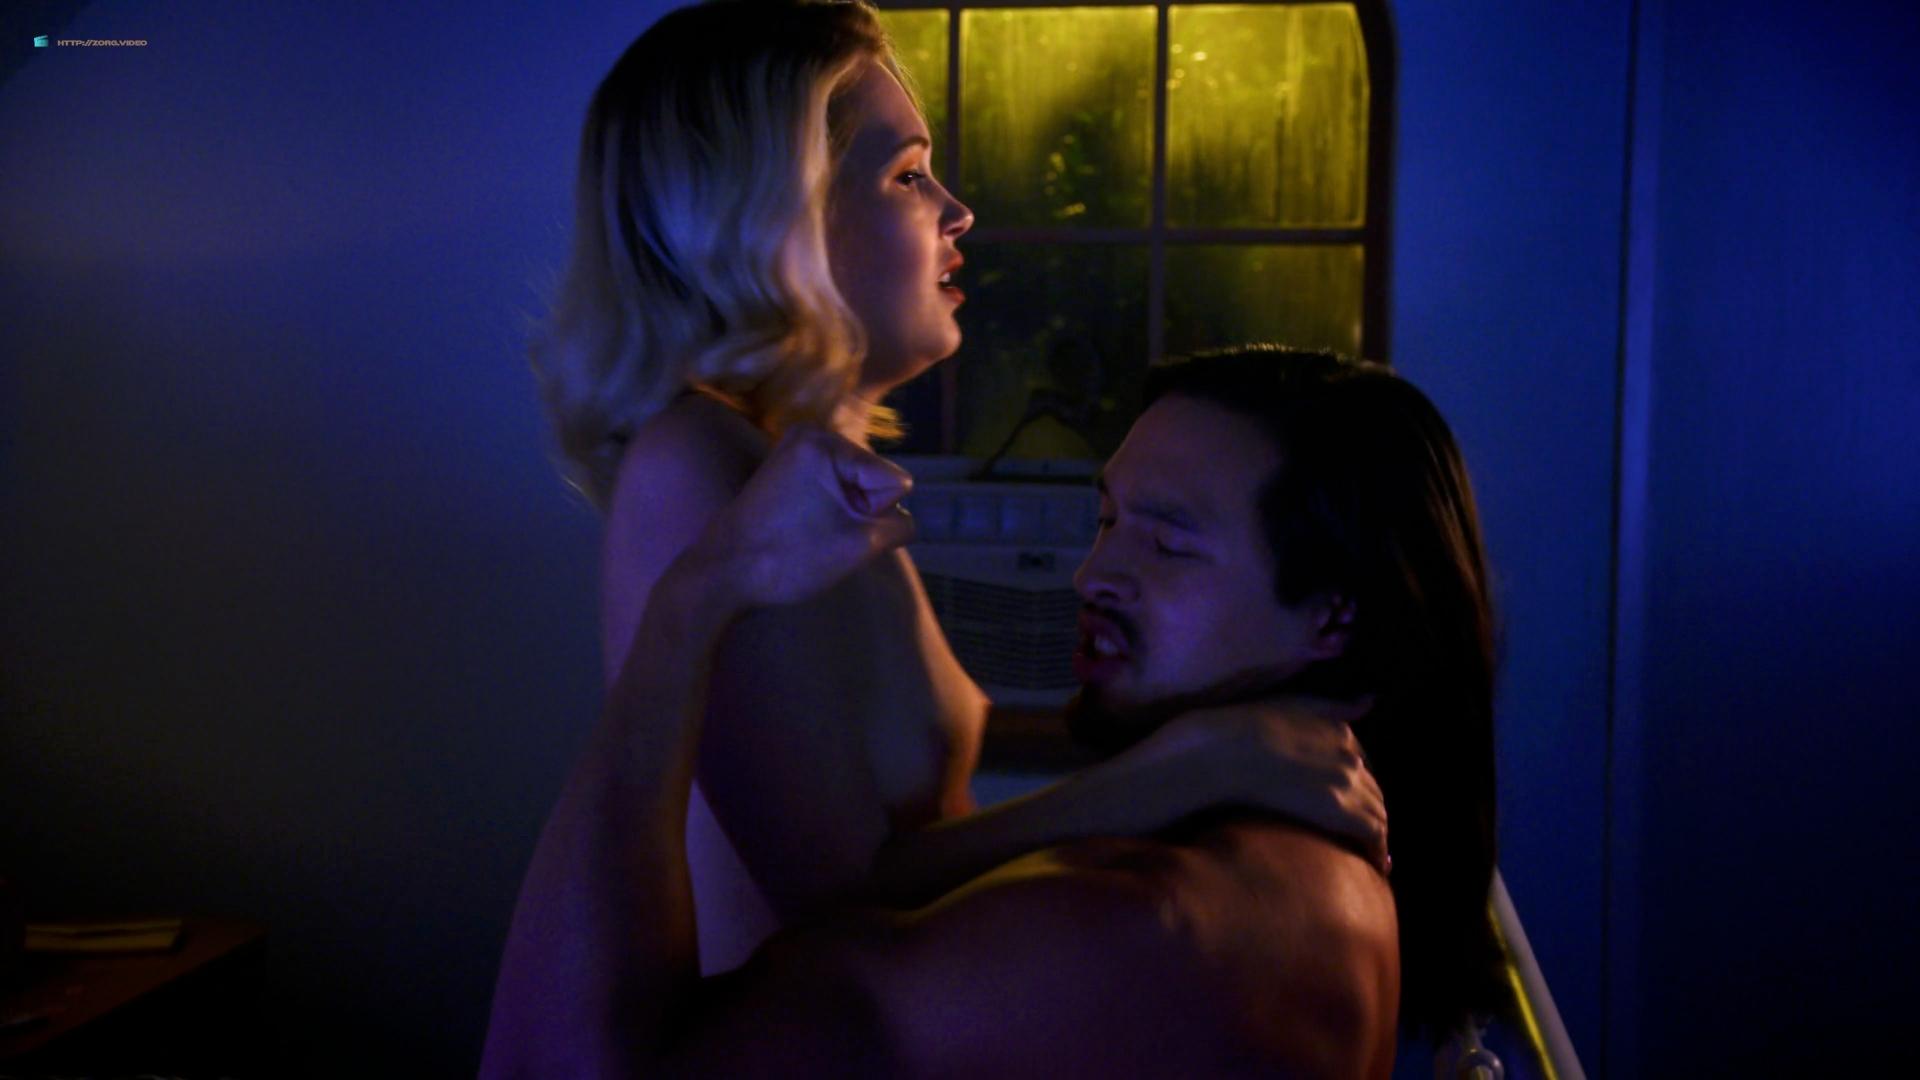 Kelli Berglund Topless